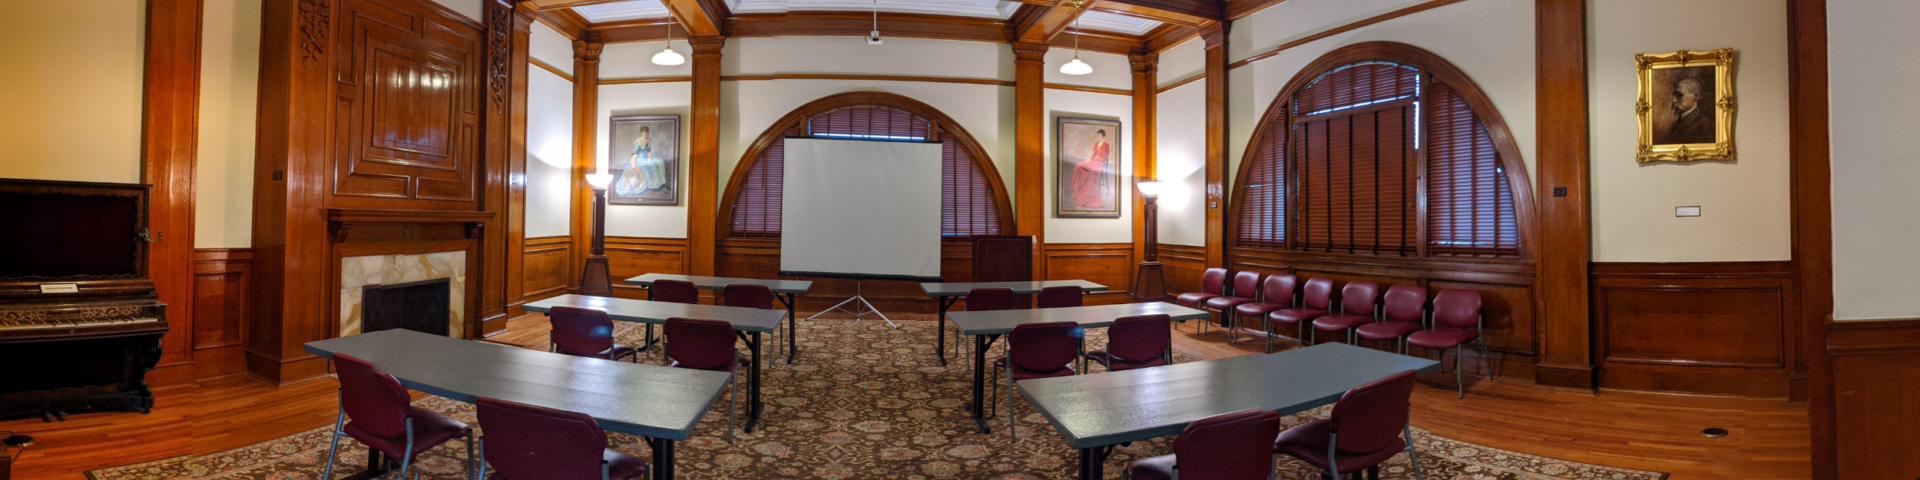 Meeting Room Header